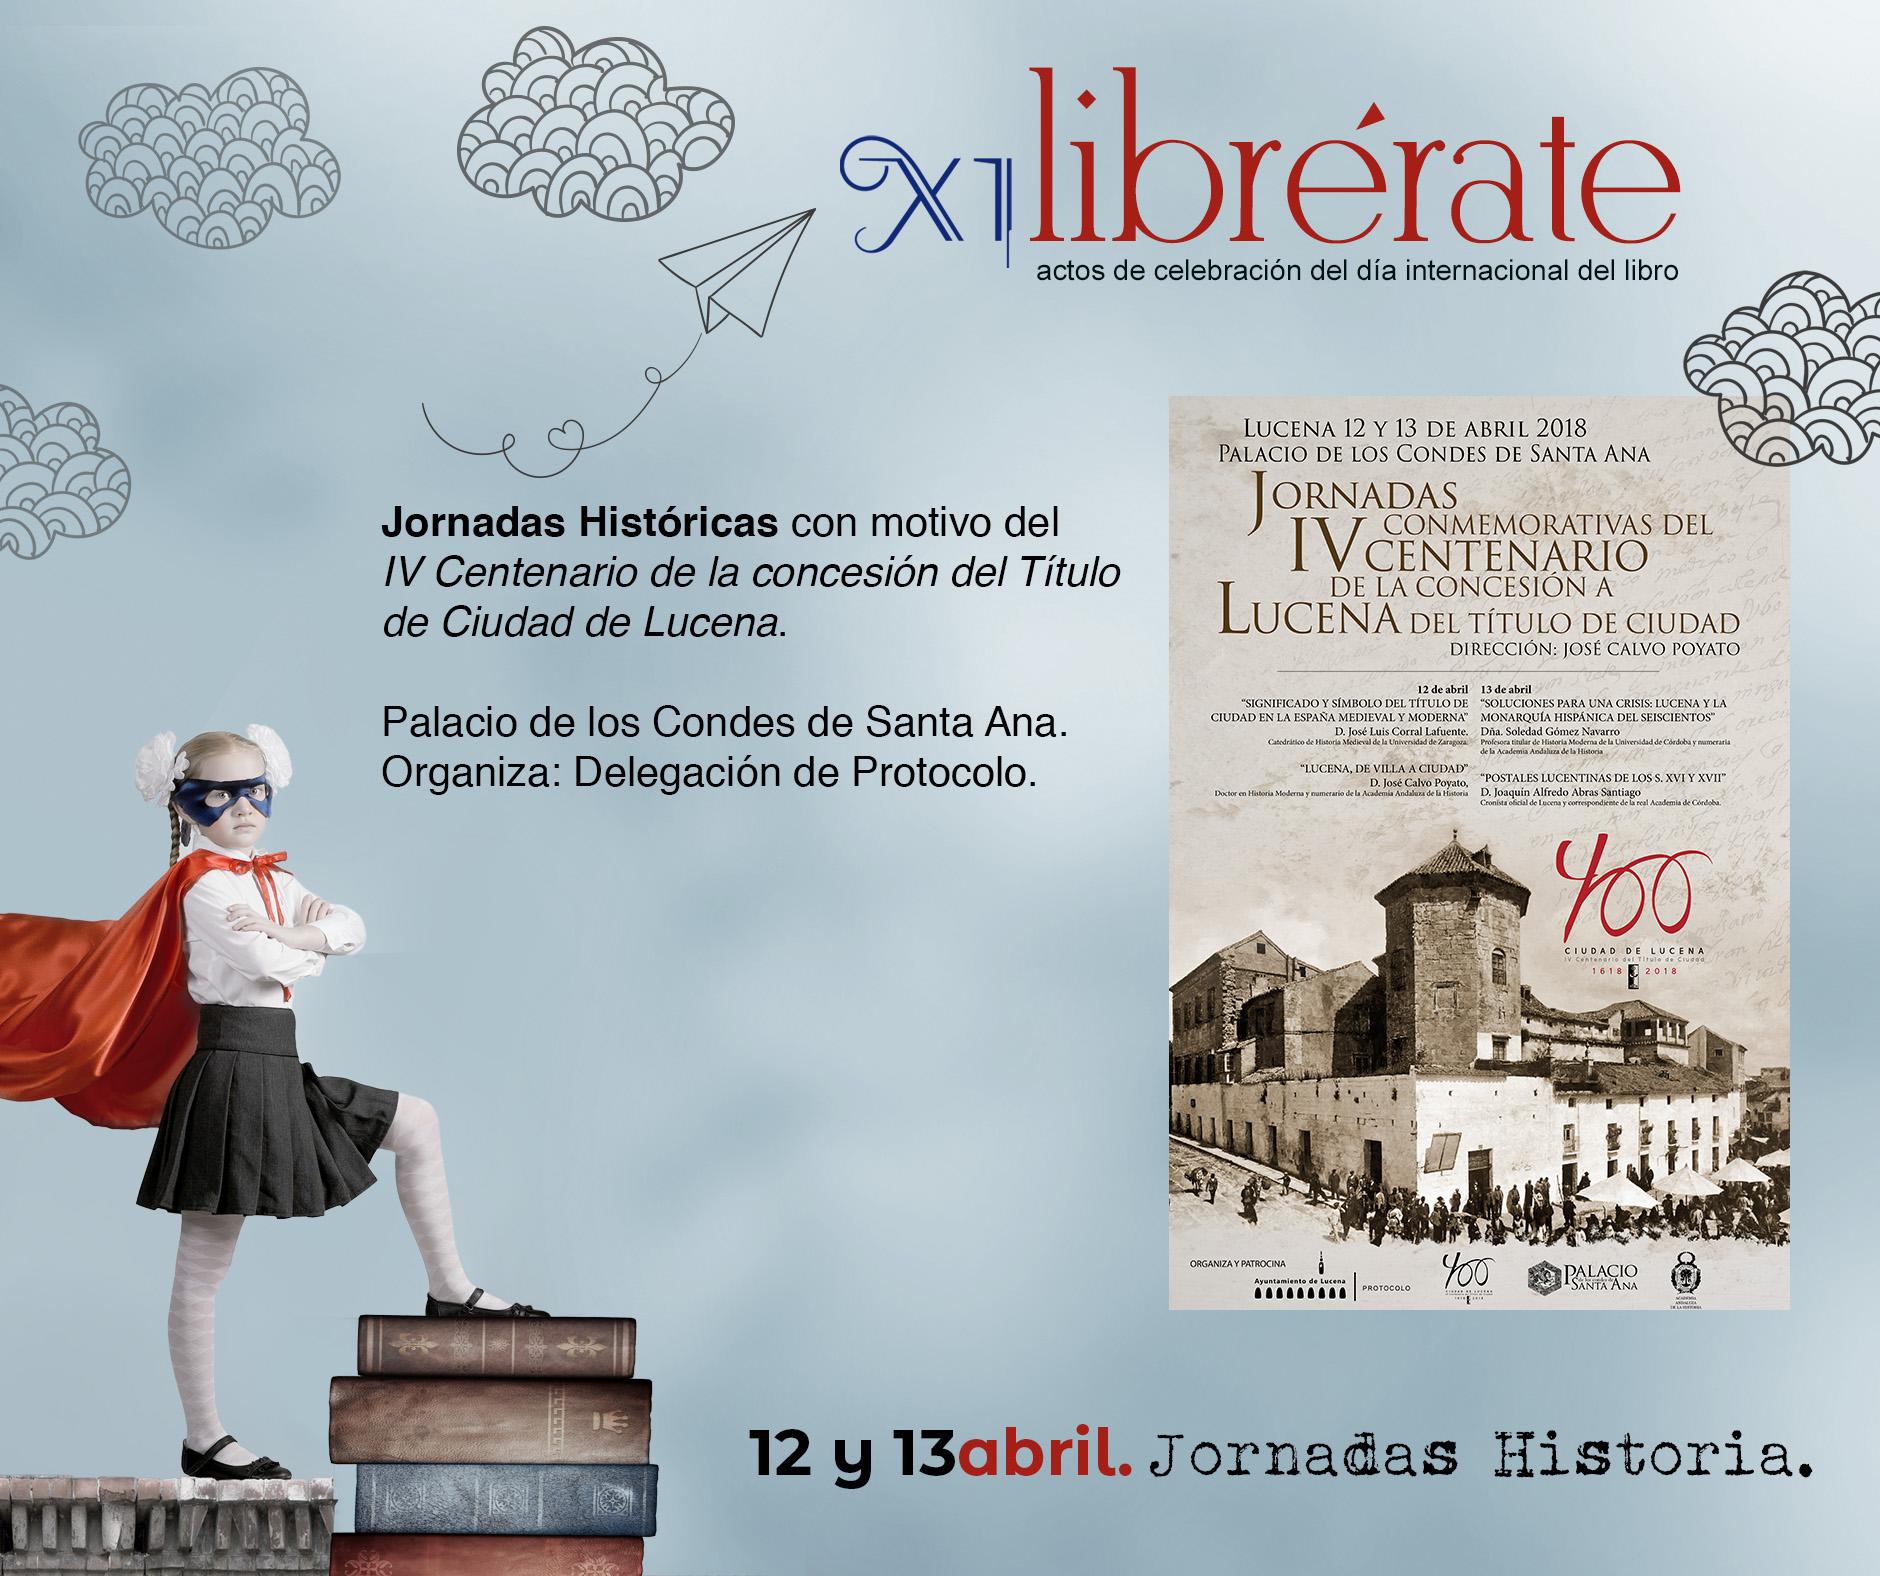 Jornadas Históricas con motivo del IV Centenario de la concesión del Título de Ciudad de Lucena @ Palacio de los Condes de Santa Ana